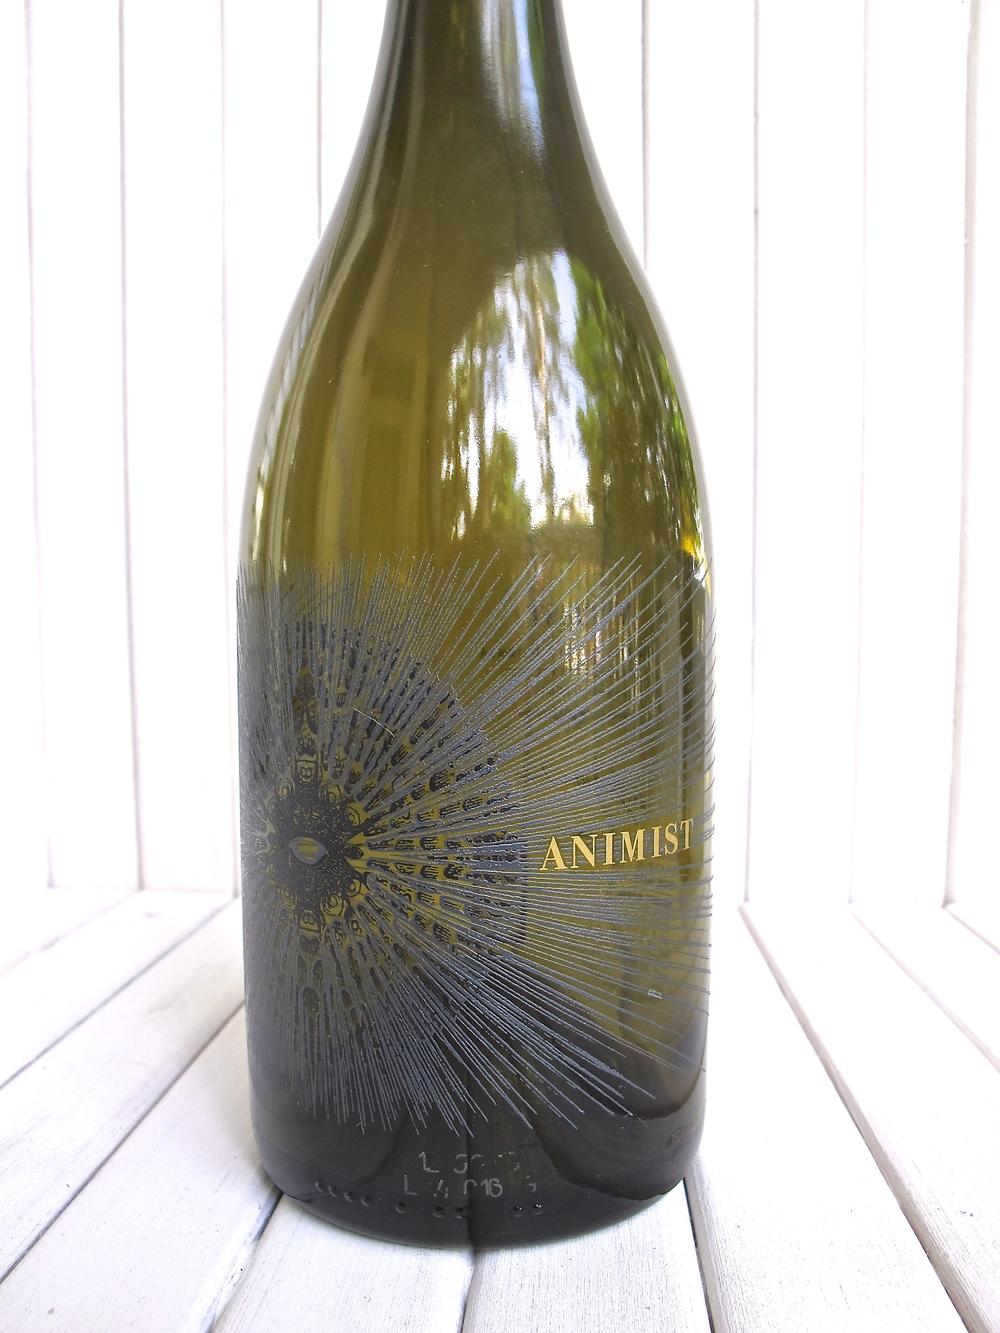 Animist Pinot Noir